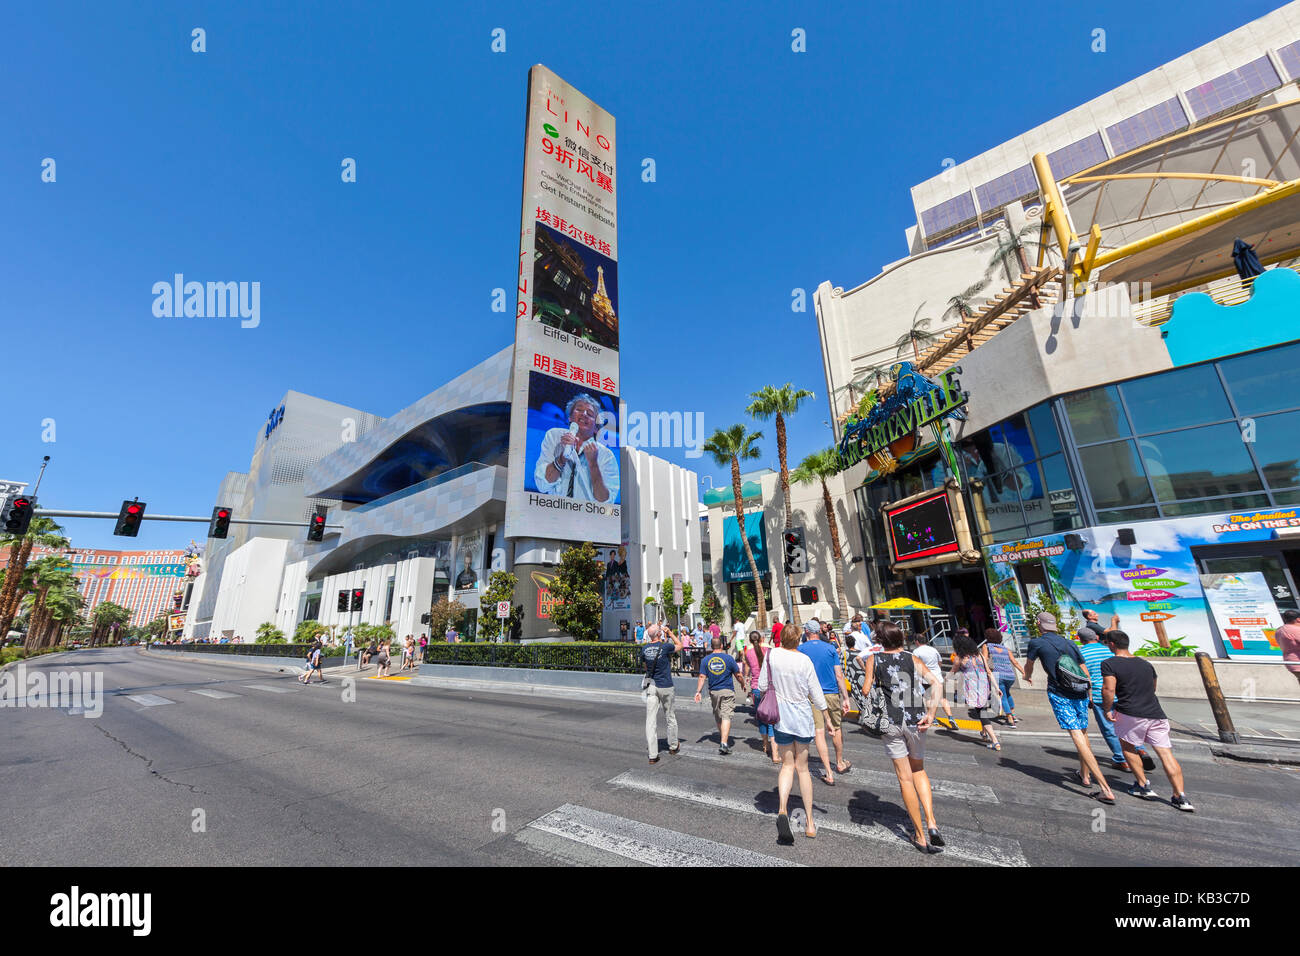 Tourists cross the Las Vegas Blvd in Las Vegas, Nevada. - Stock Image